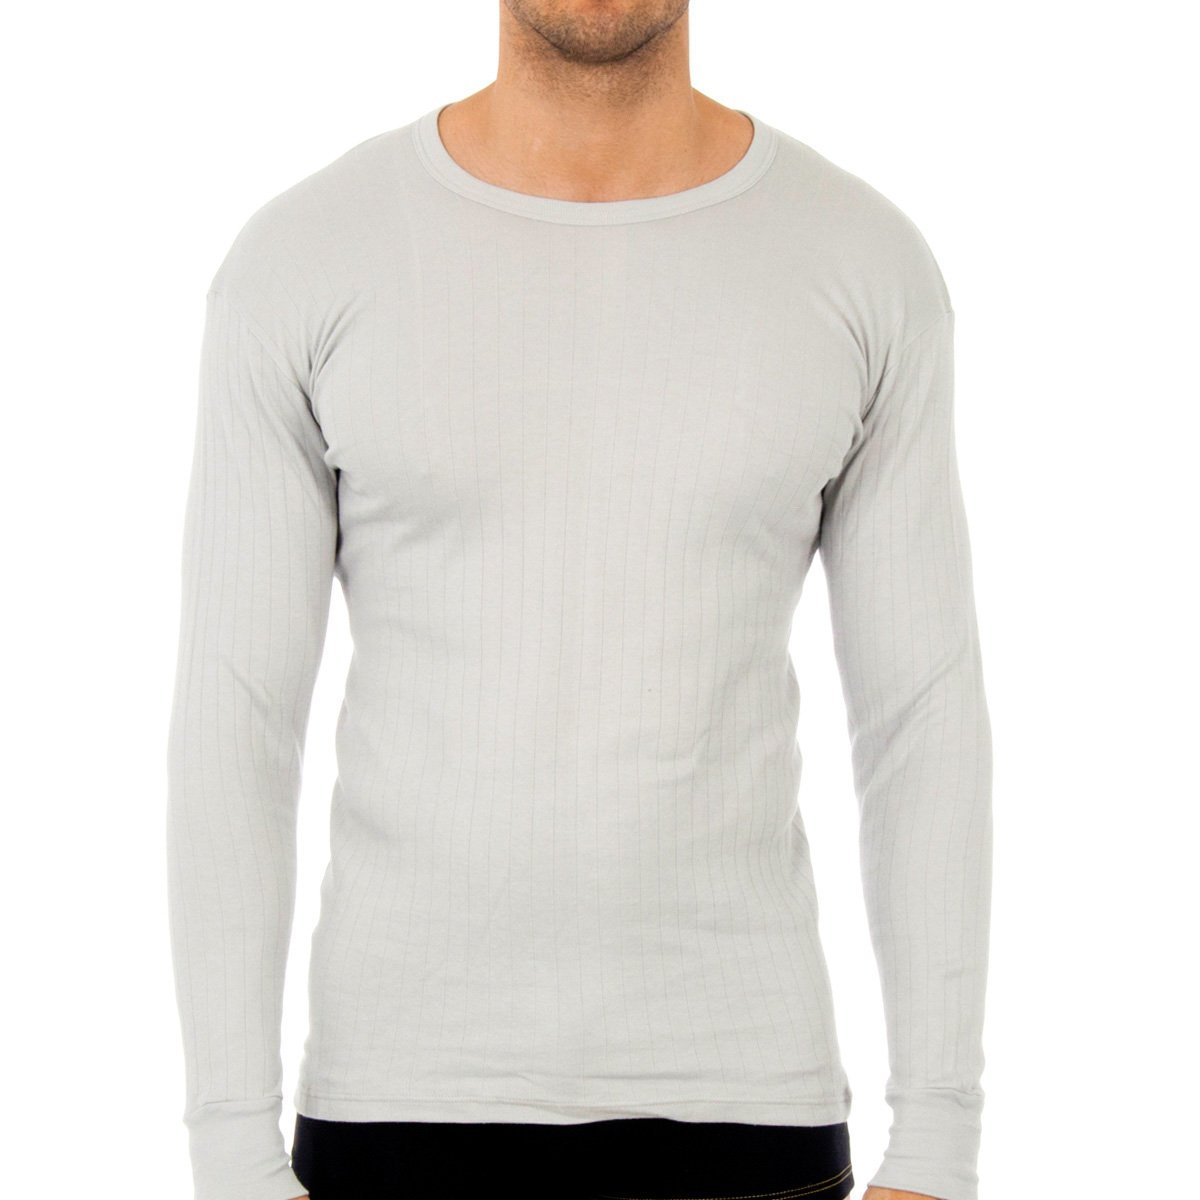 Abanderado Termal Algod/ón Invierno C//Redondo Camiseta t/érmica para Hombre